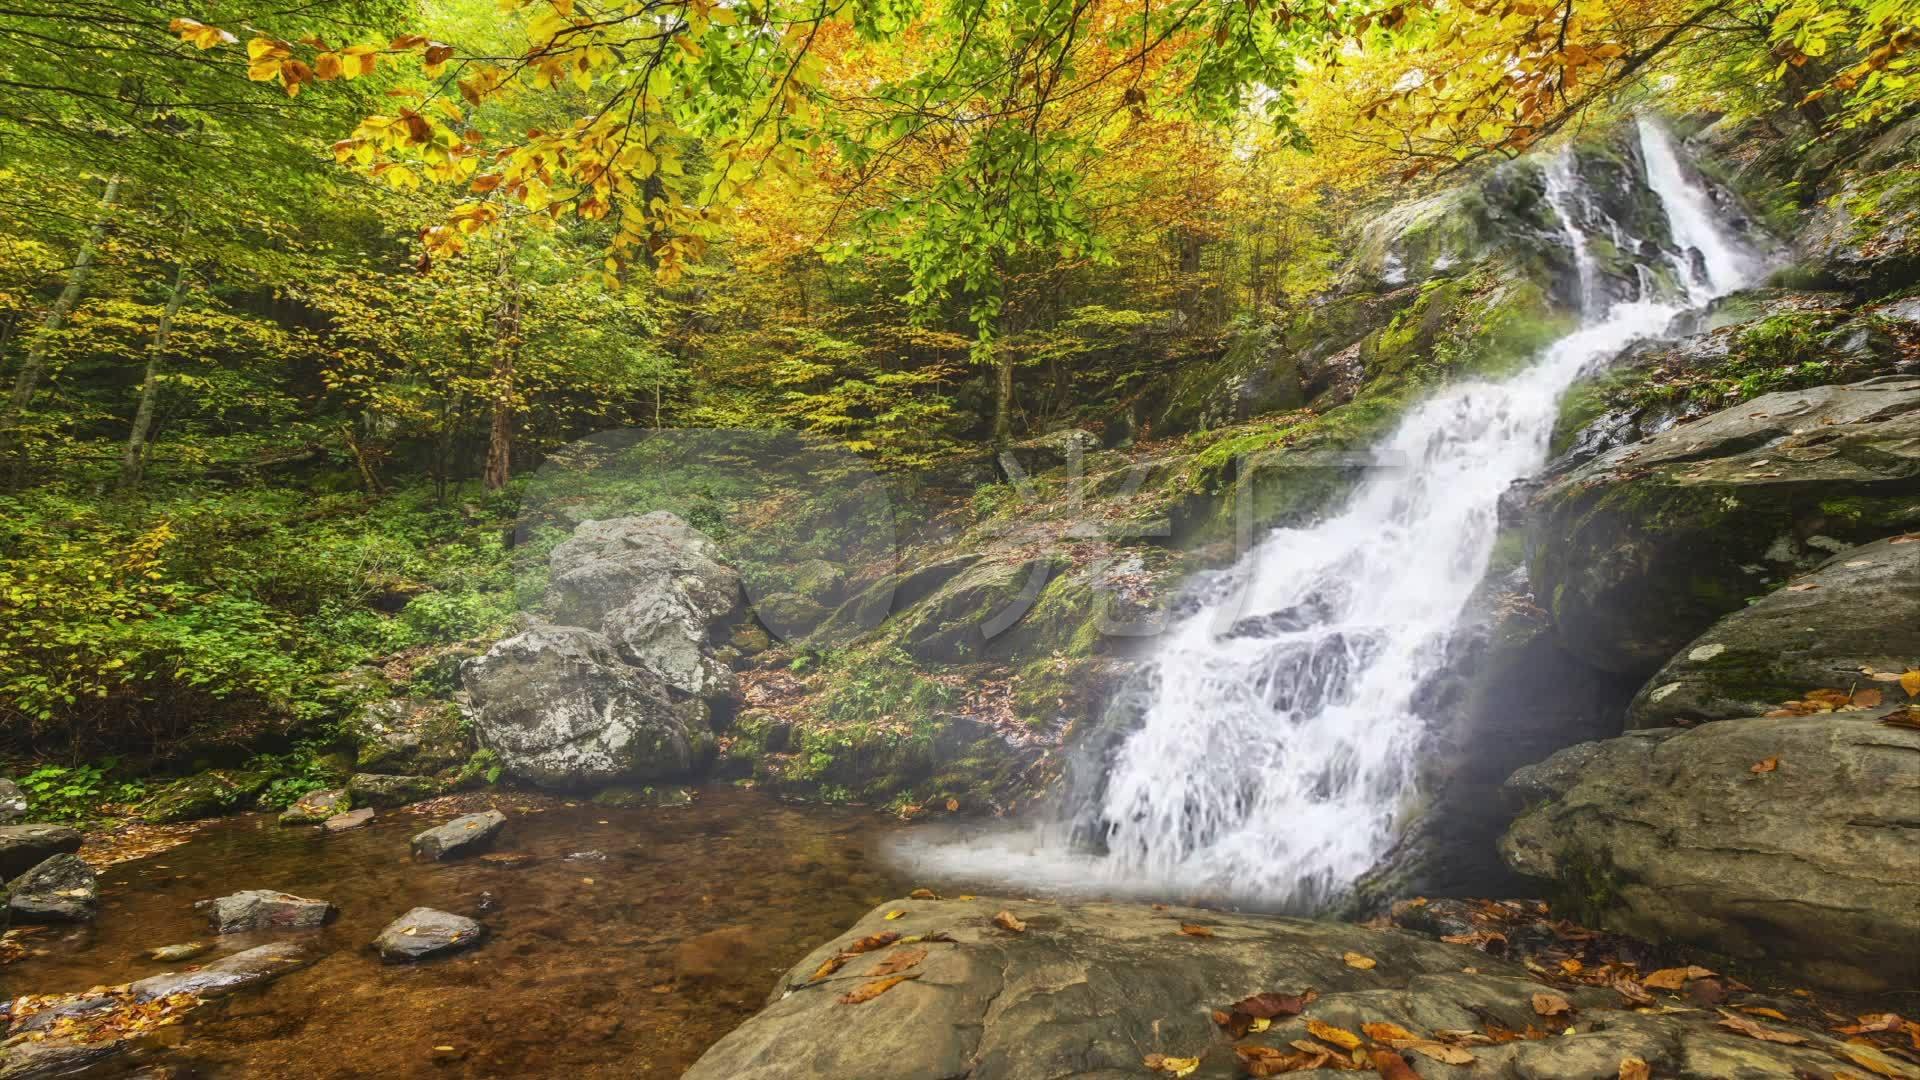 高山流水瀑布枫叶秋季风景